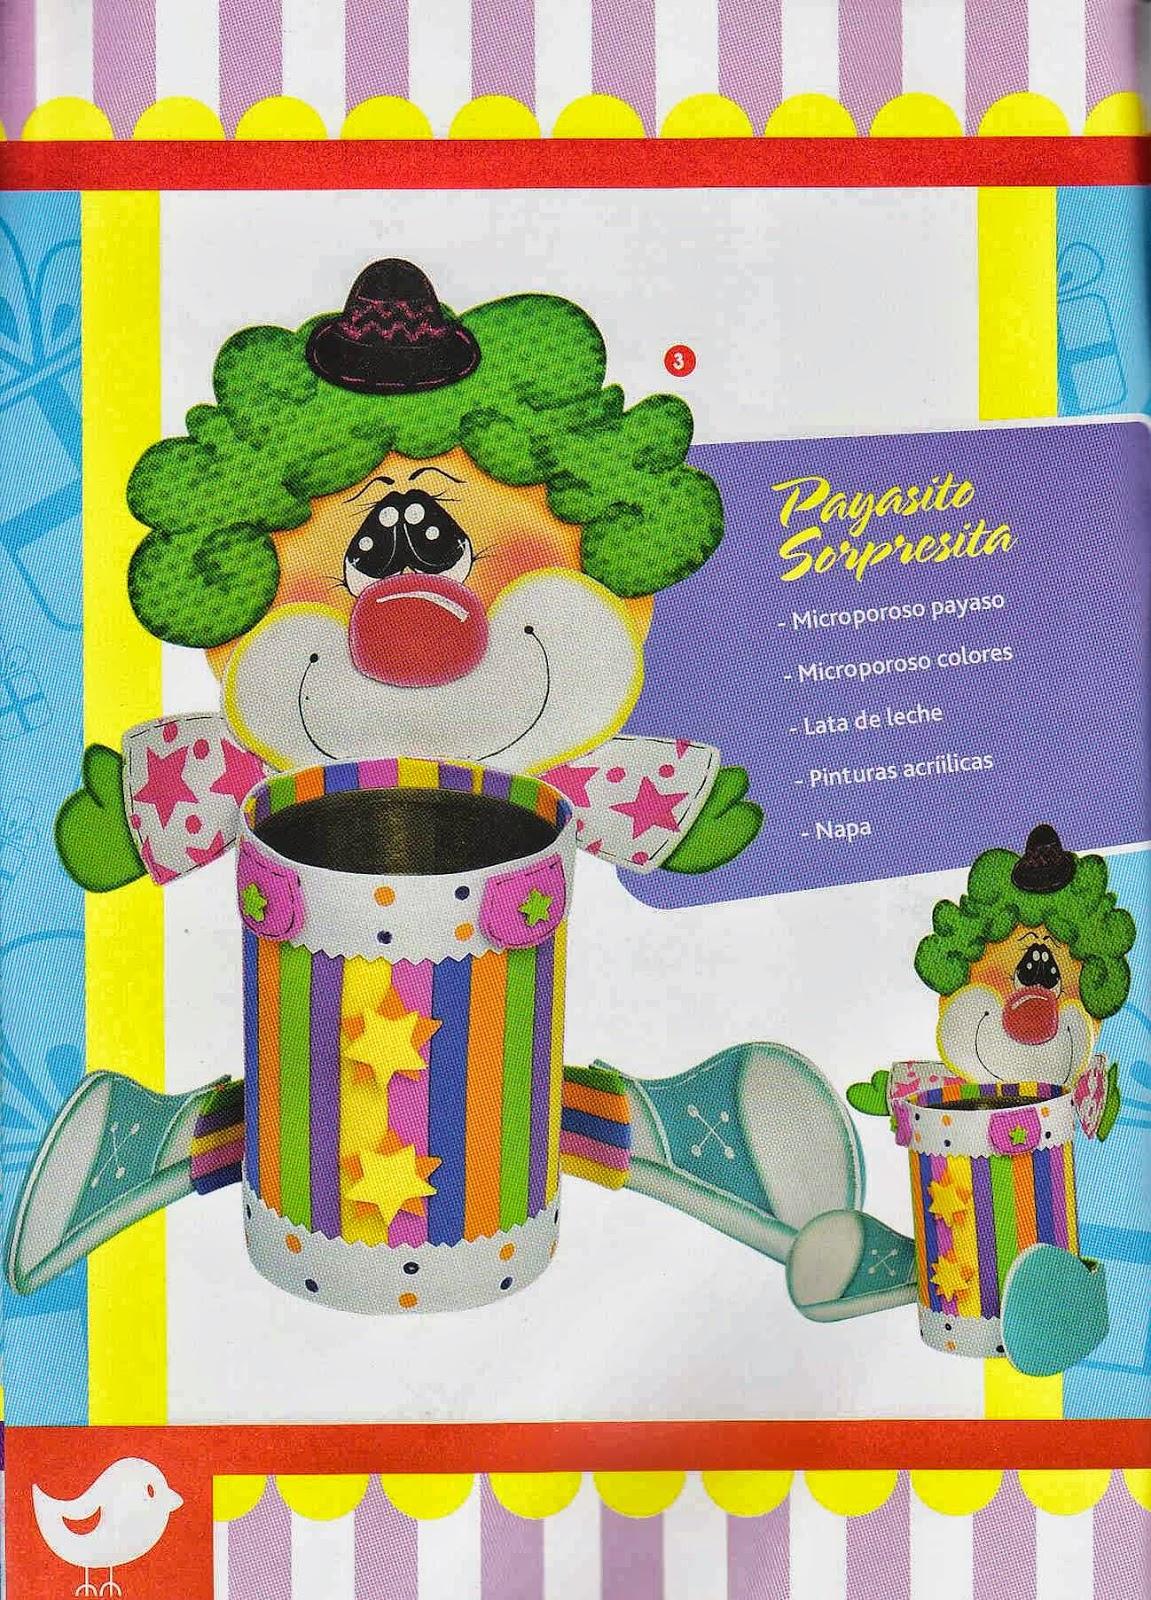 Manualidades en foamy paso a paso revistas de for Manualidades decoracion infantil